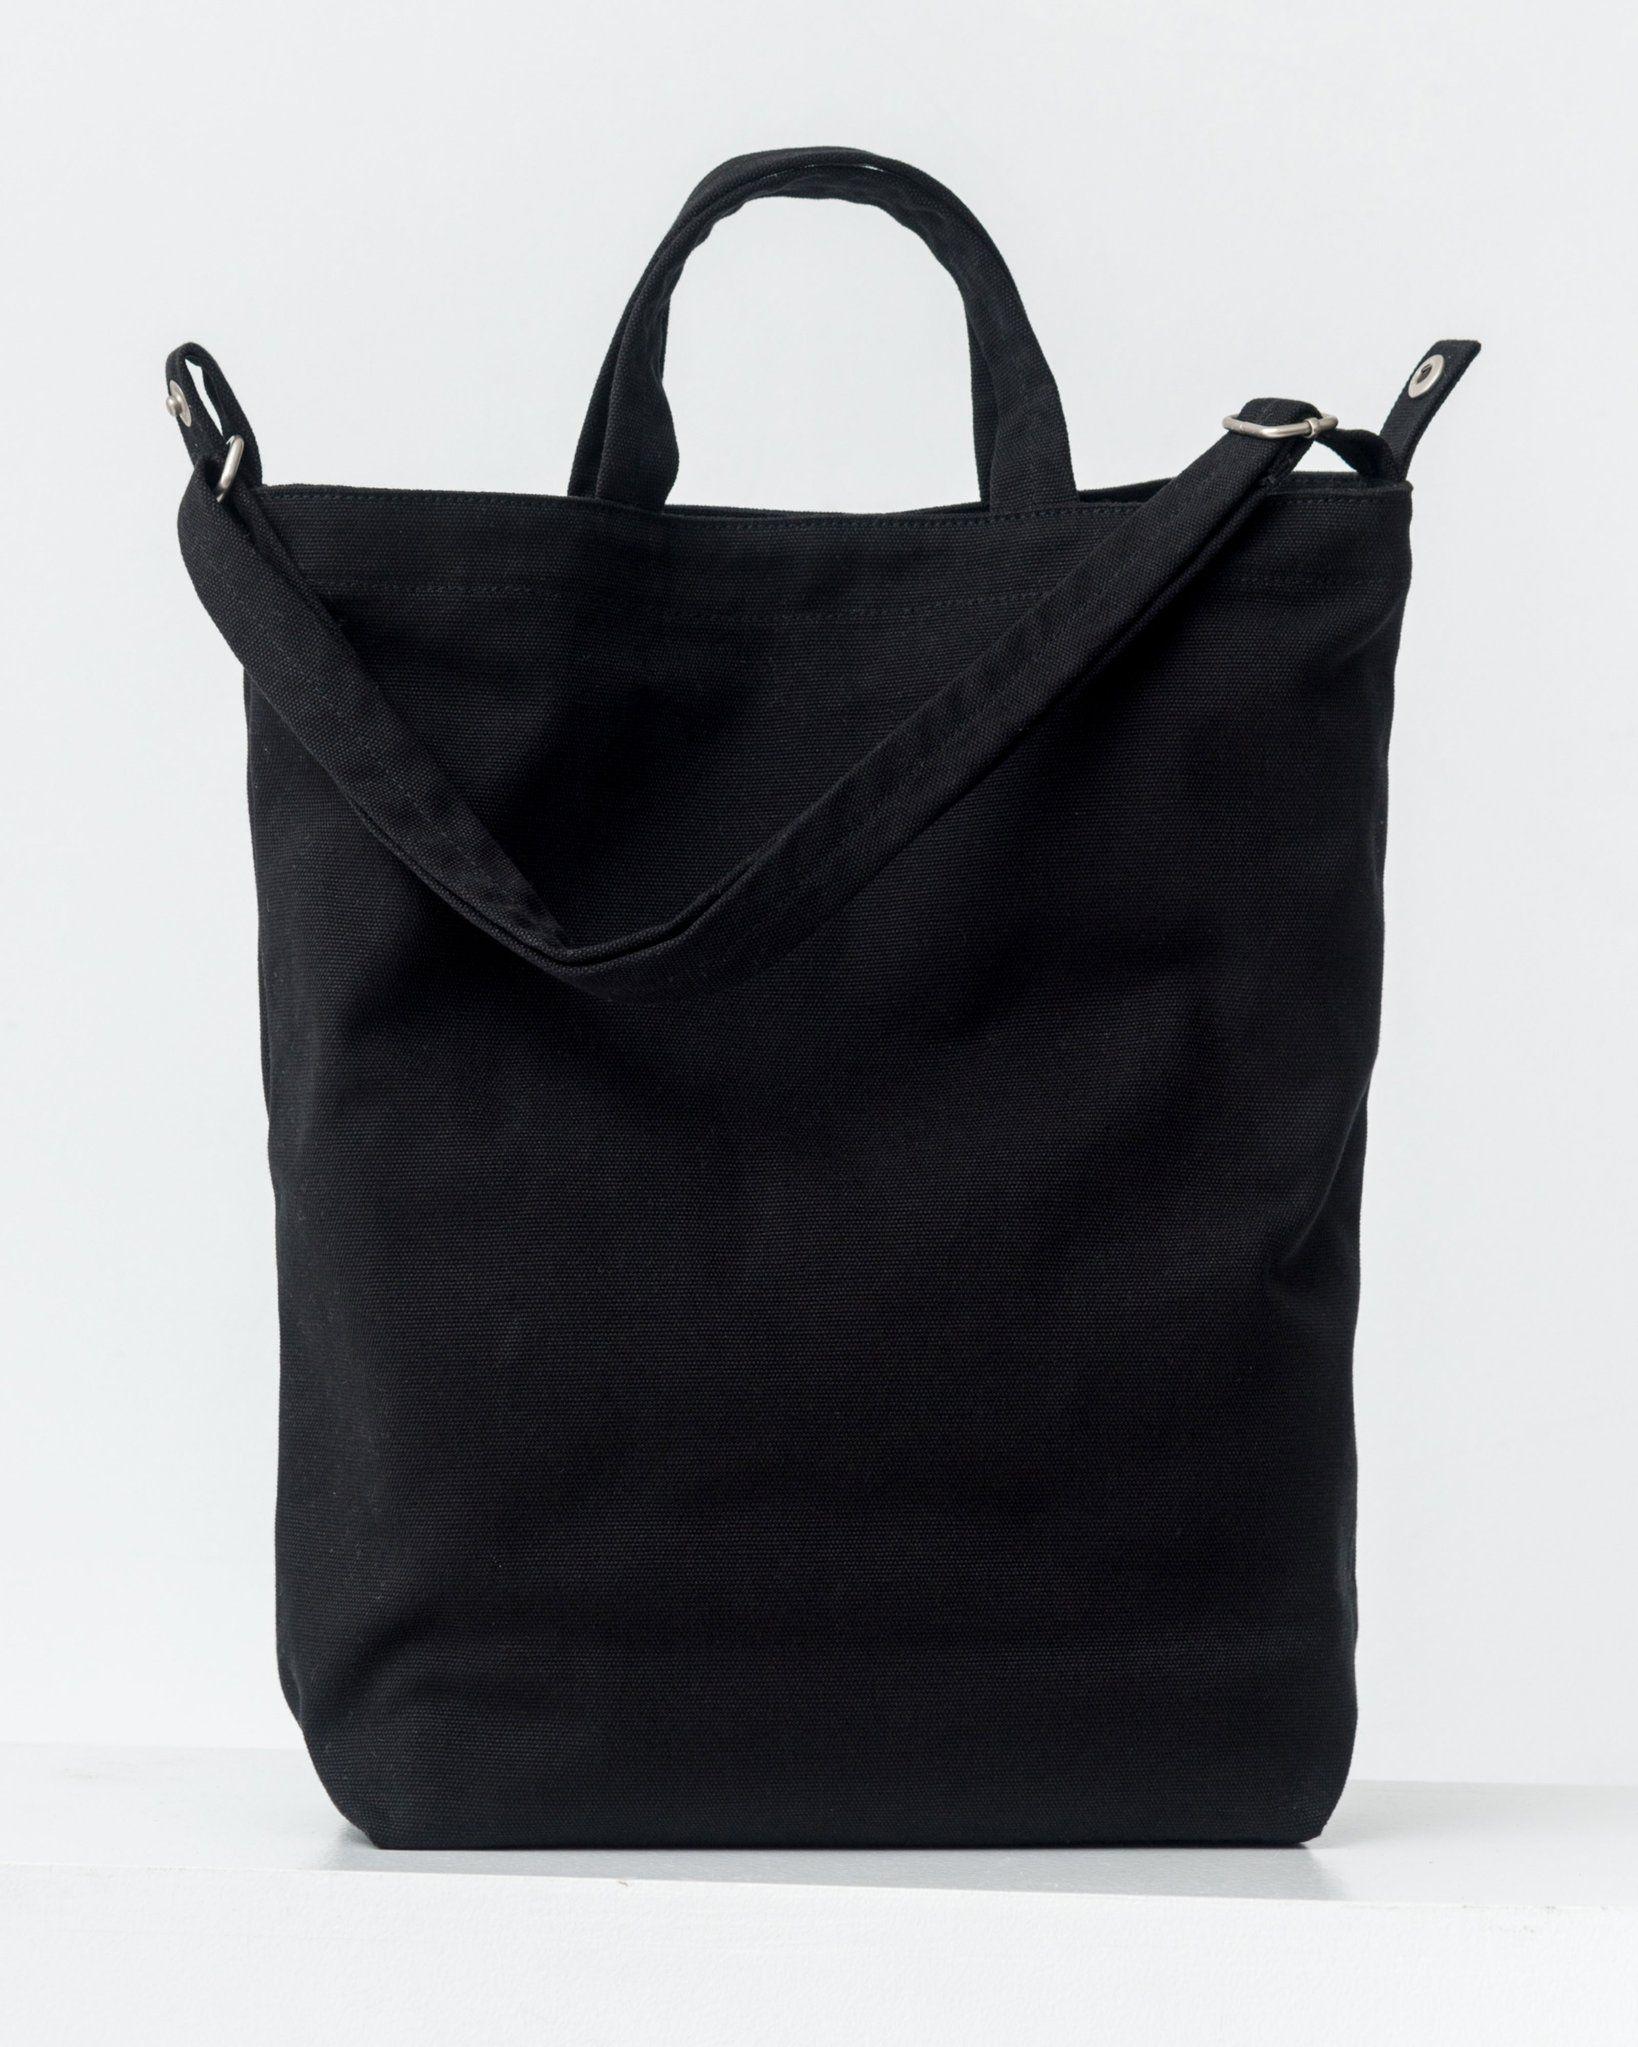 089733bafe Duck Bag - Black